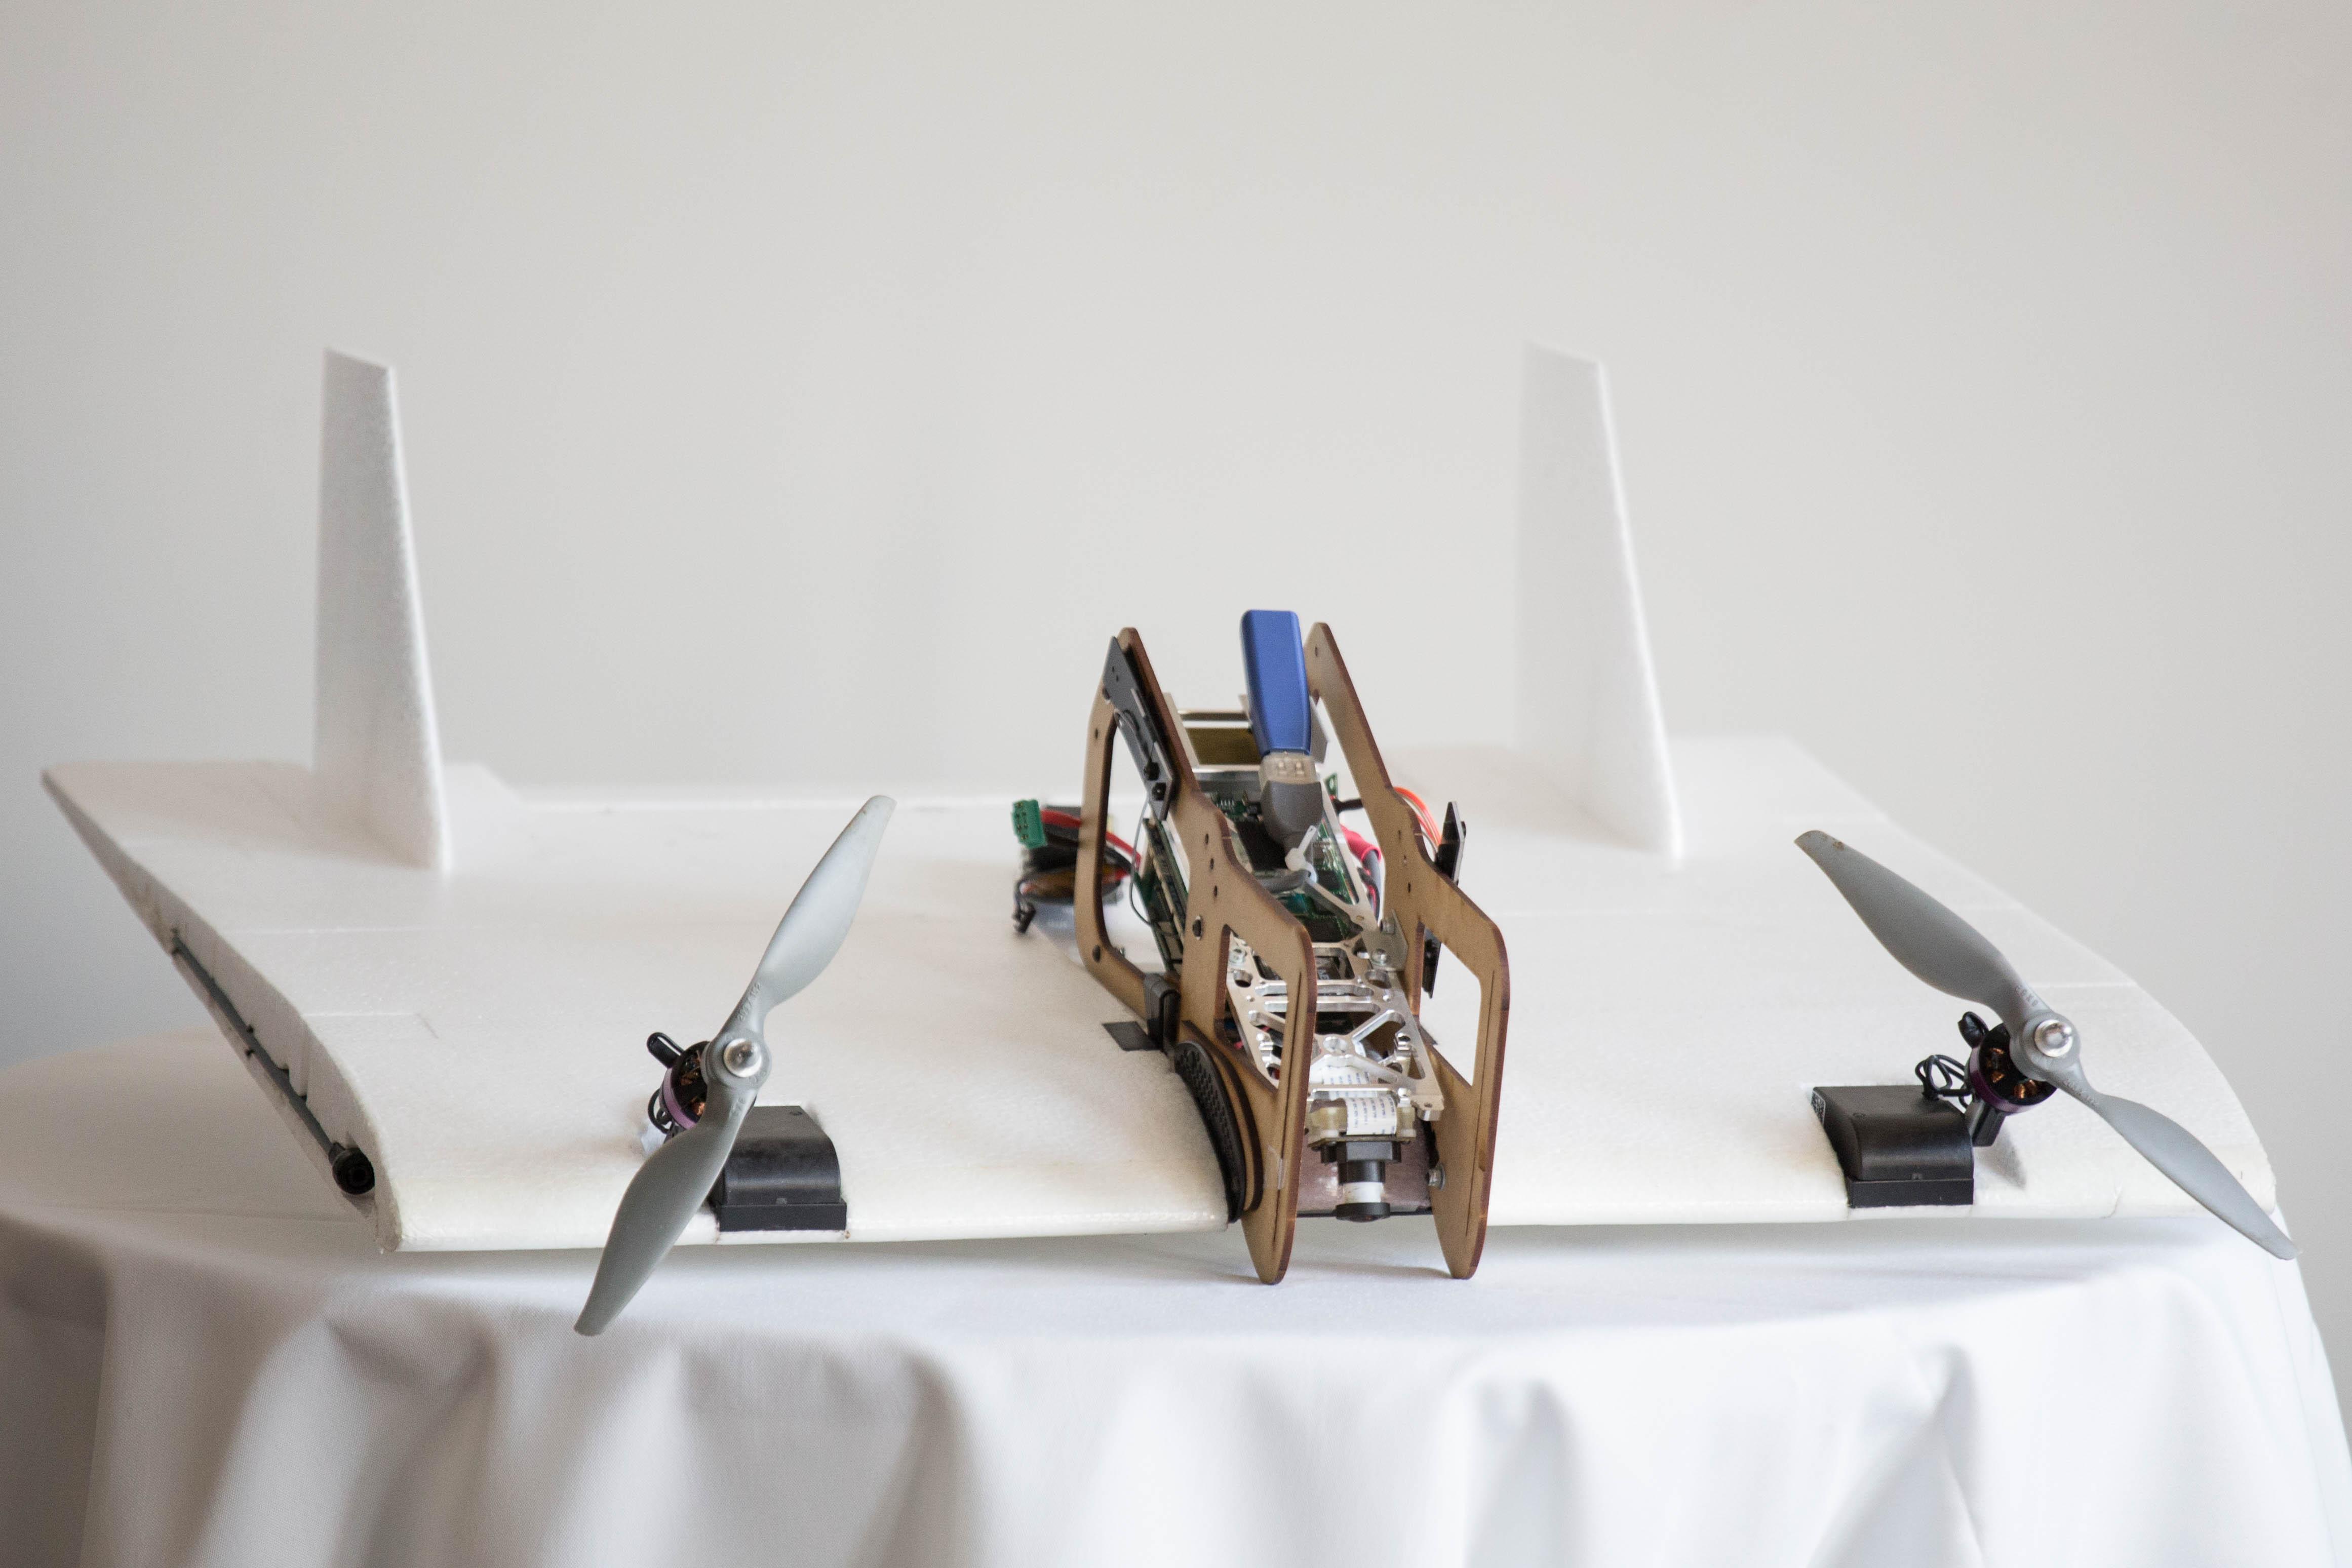 Flying Robots – Autonomous Systems Lab | ETH Zurich